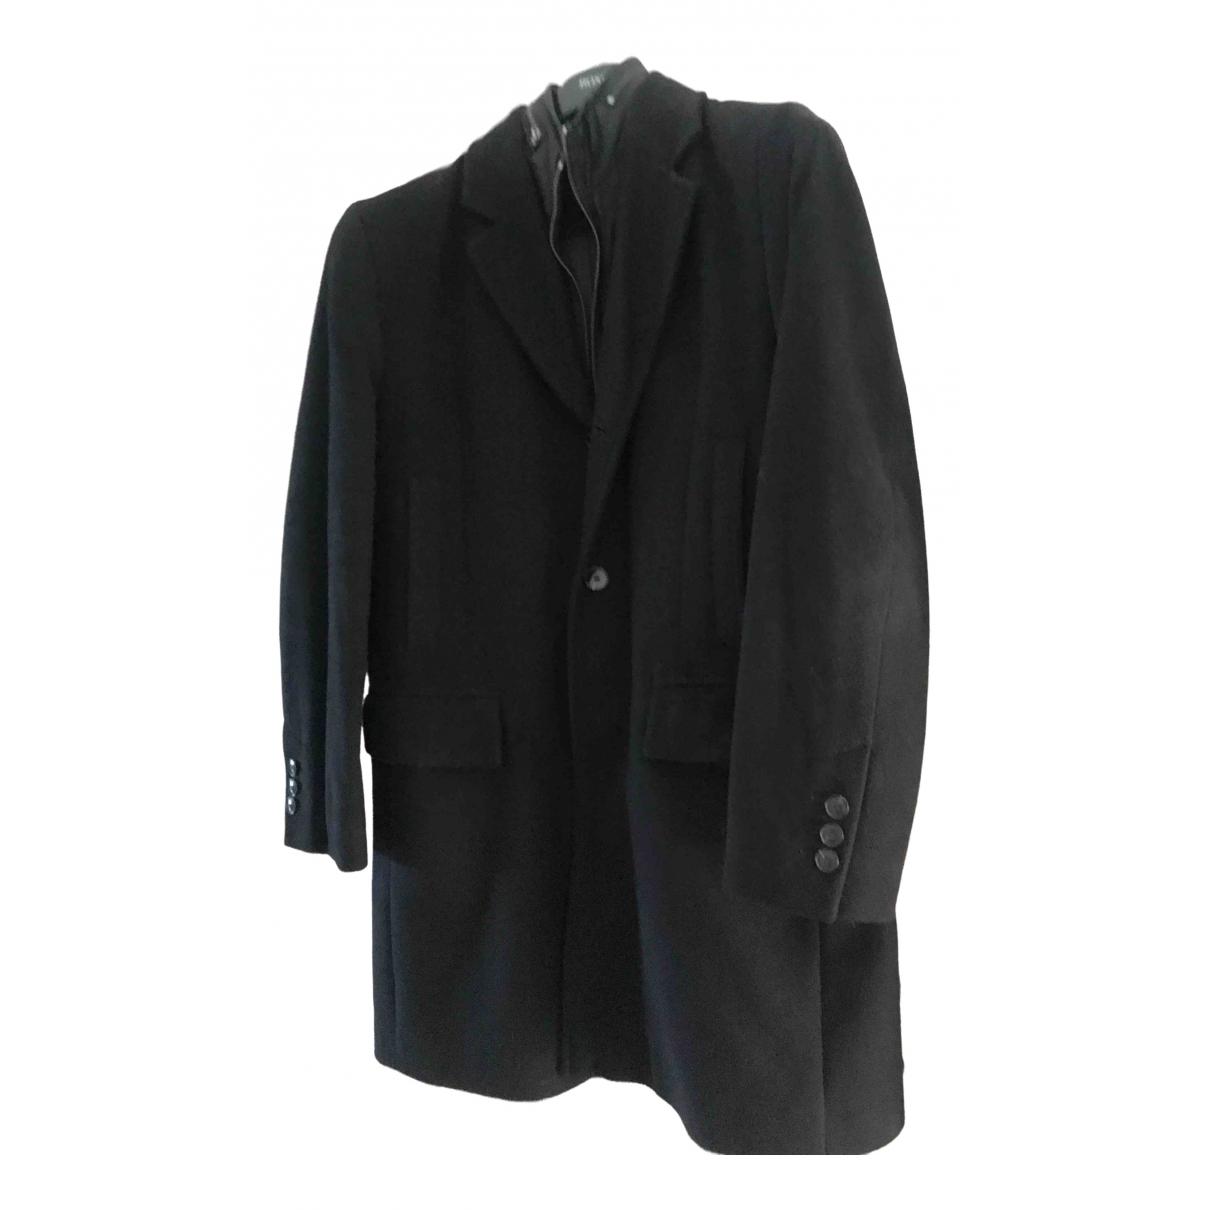 Boss - Vestes.Blousons   pour homme en laine - noir